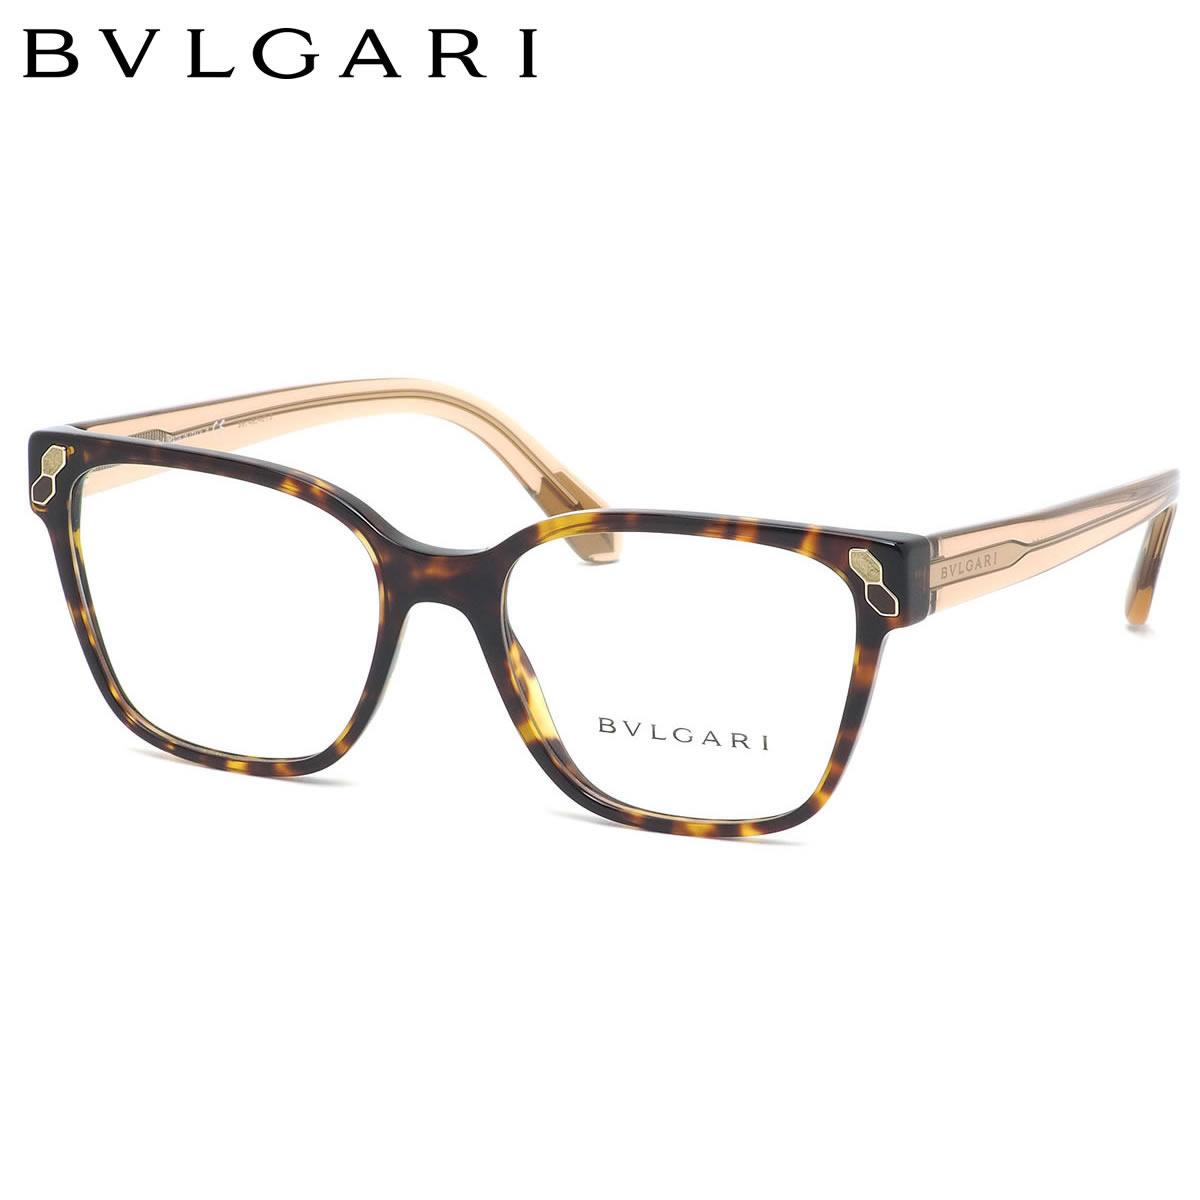 【10月30日からエントリーで全品ポイント20倍】ブルガリ BVLGARI メガネBV4163 504 52サイズSERPENTI セルペンティ メンズ レディース